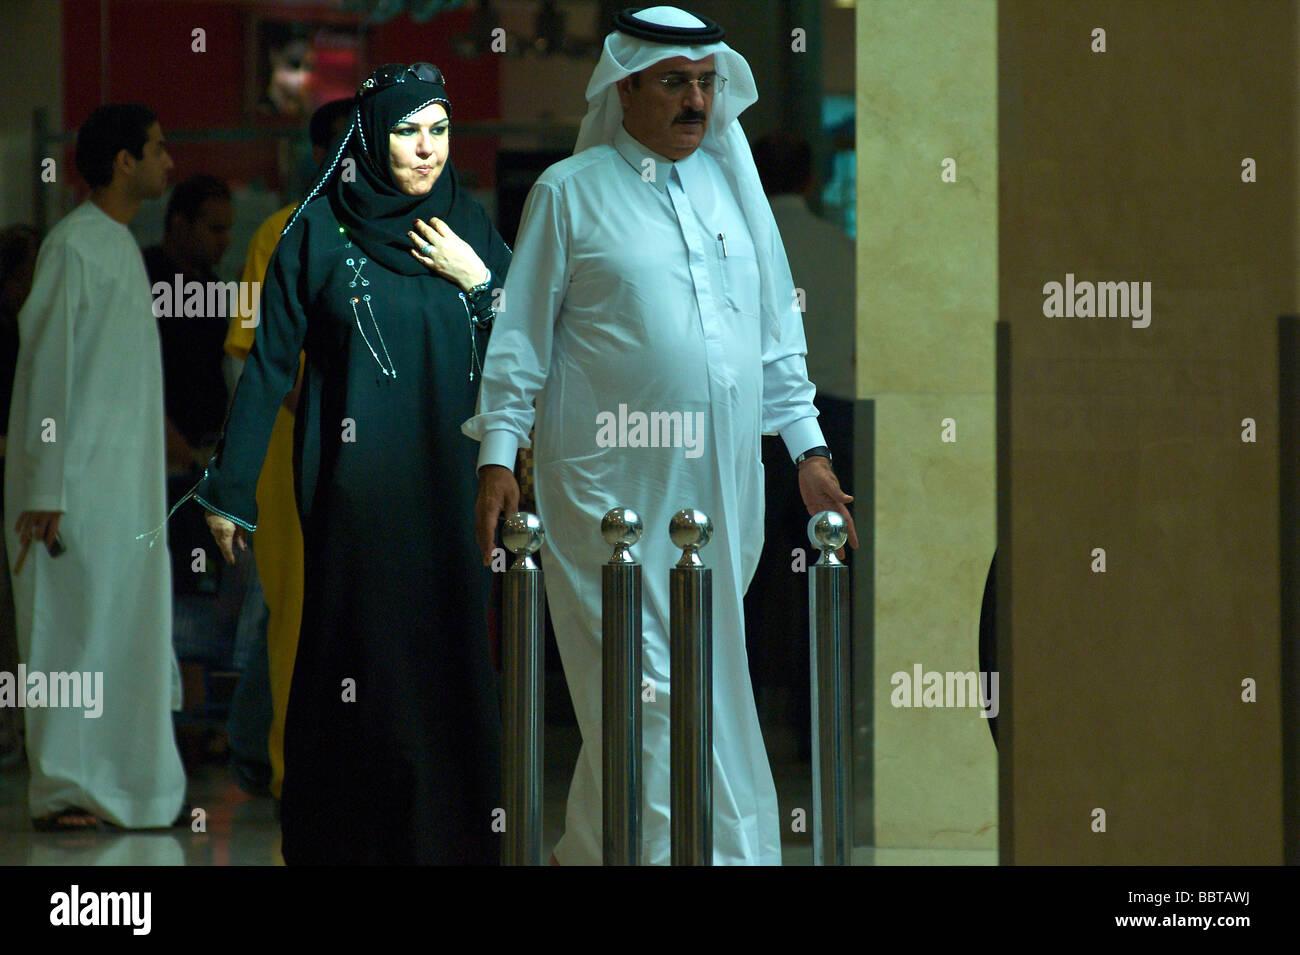 Dubai Deira shopping mall - Stock Image